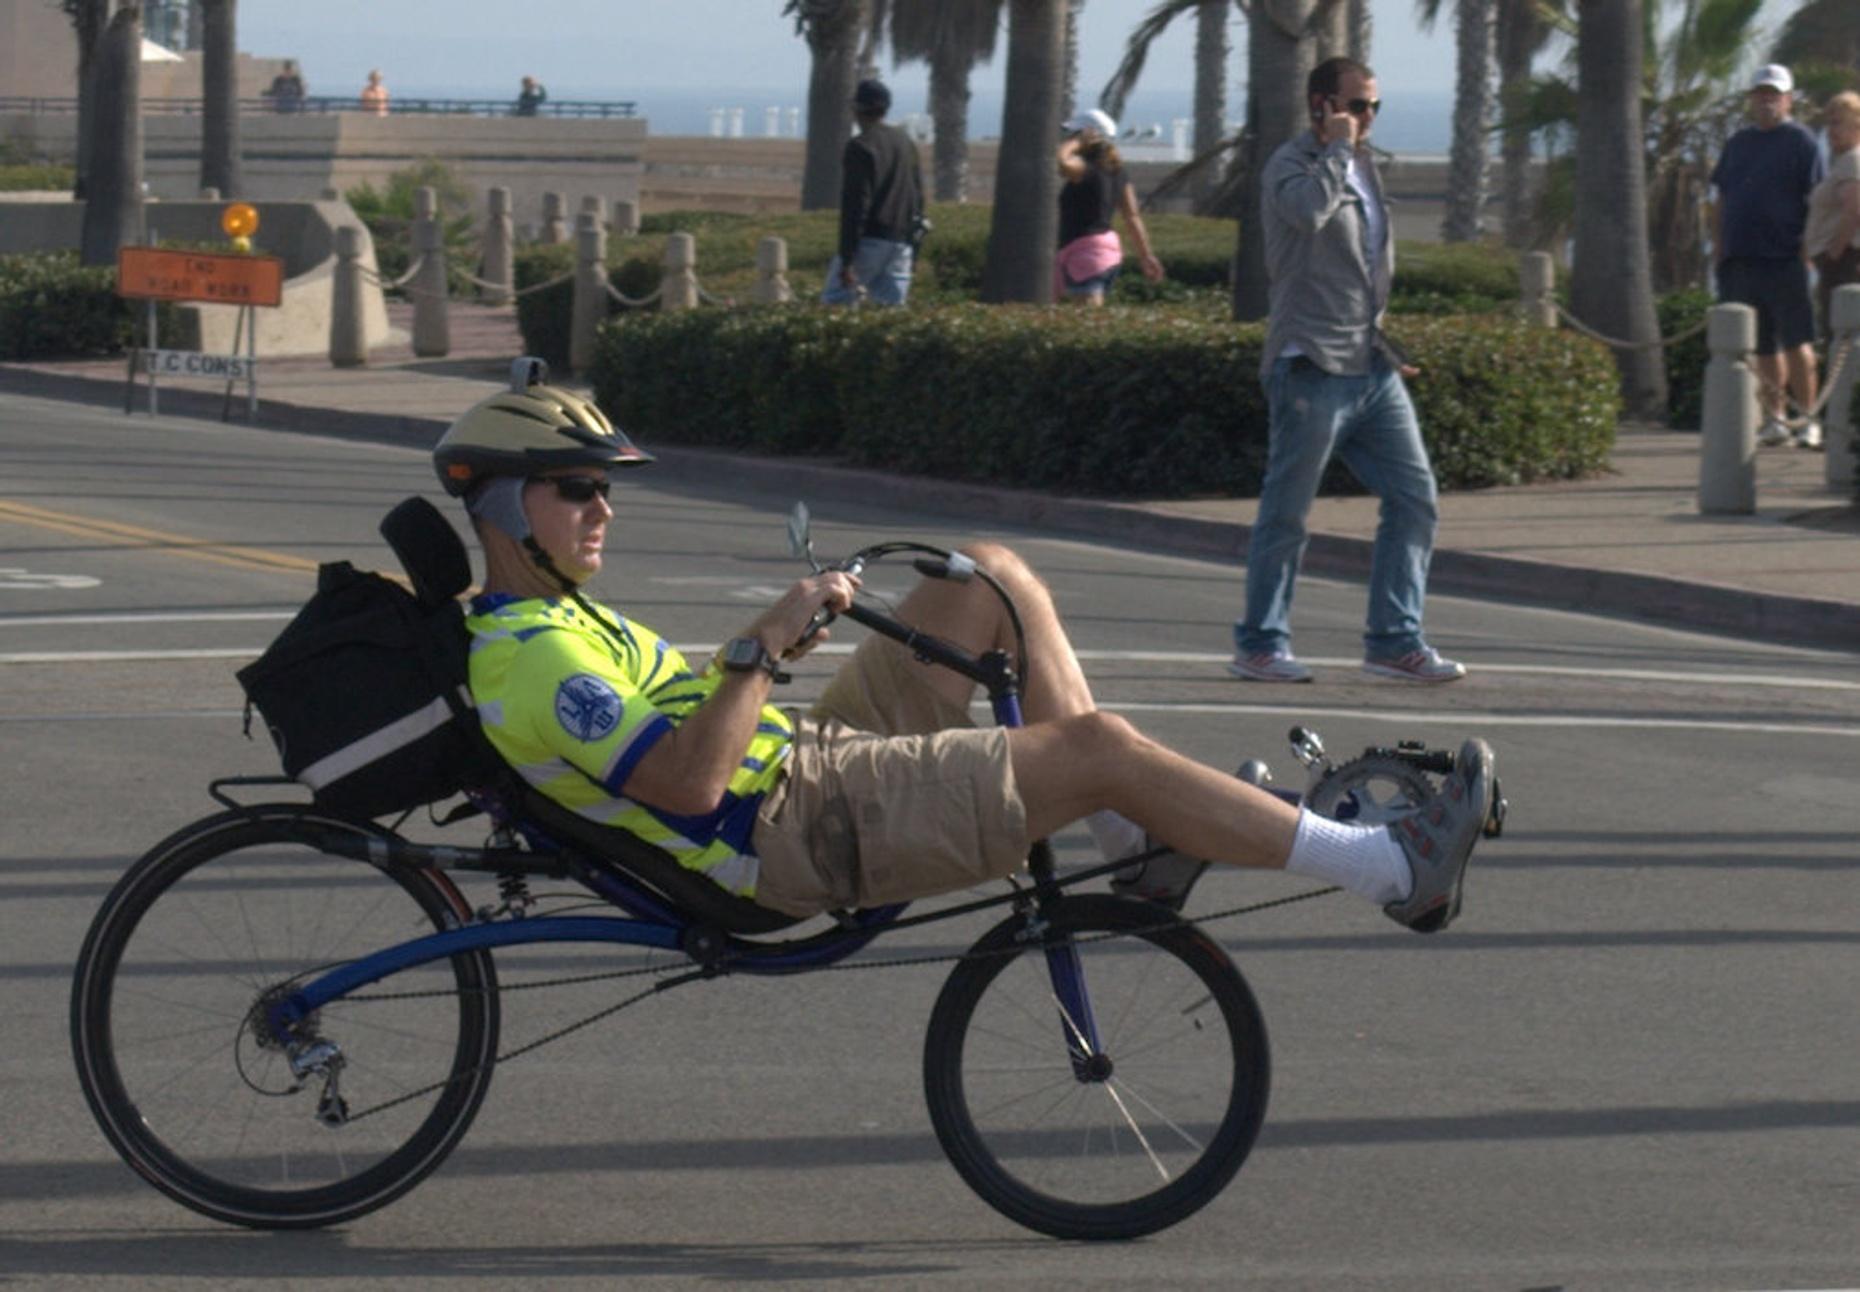 Three-Hour Banana Bike Rental in Hollywood